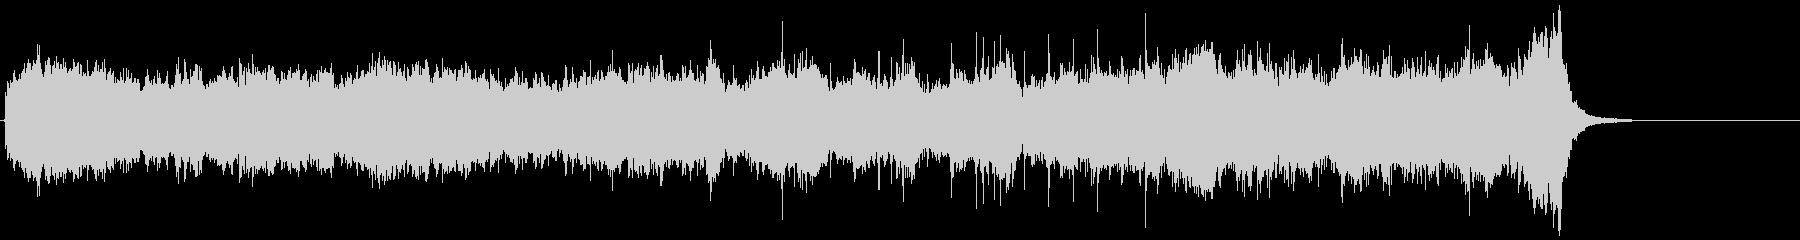 [年末の定番]交響曲第9番マーチアレンジの未再生の波形